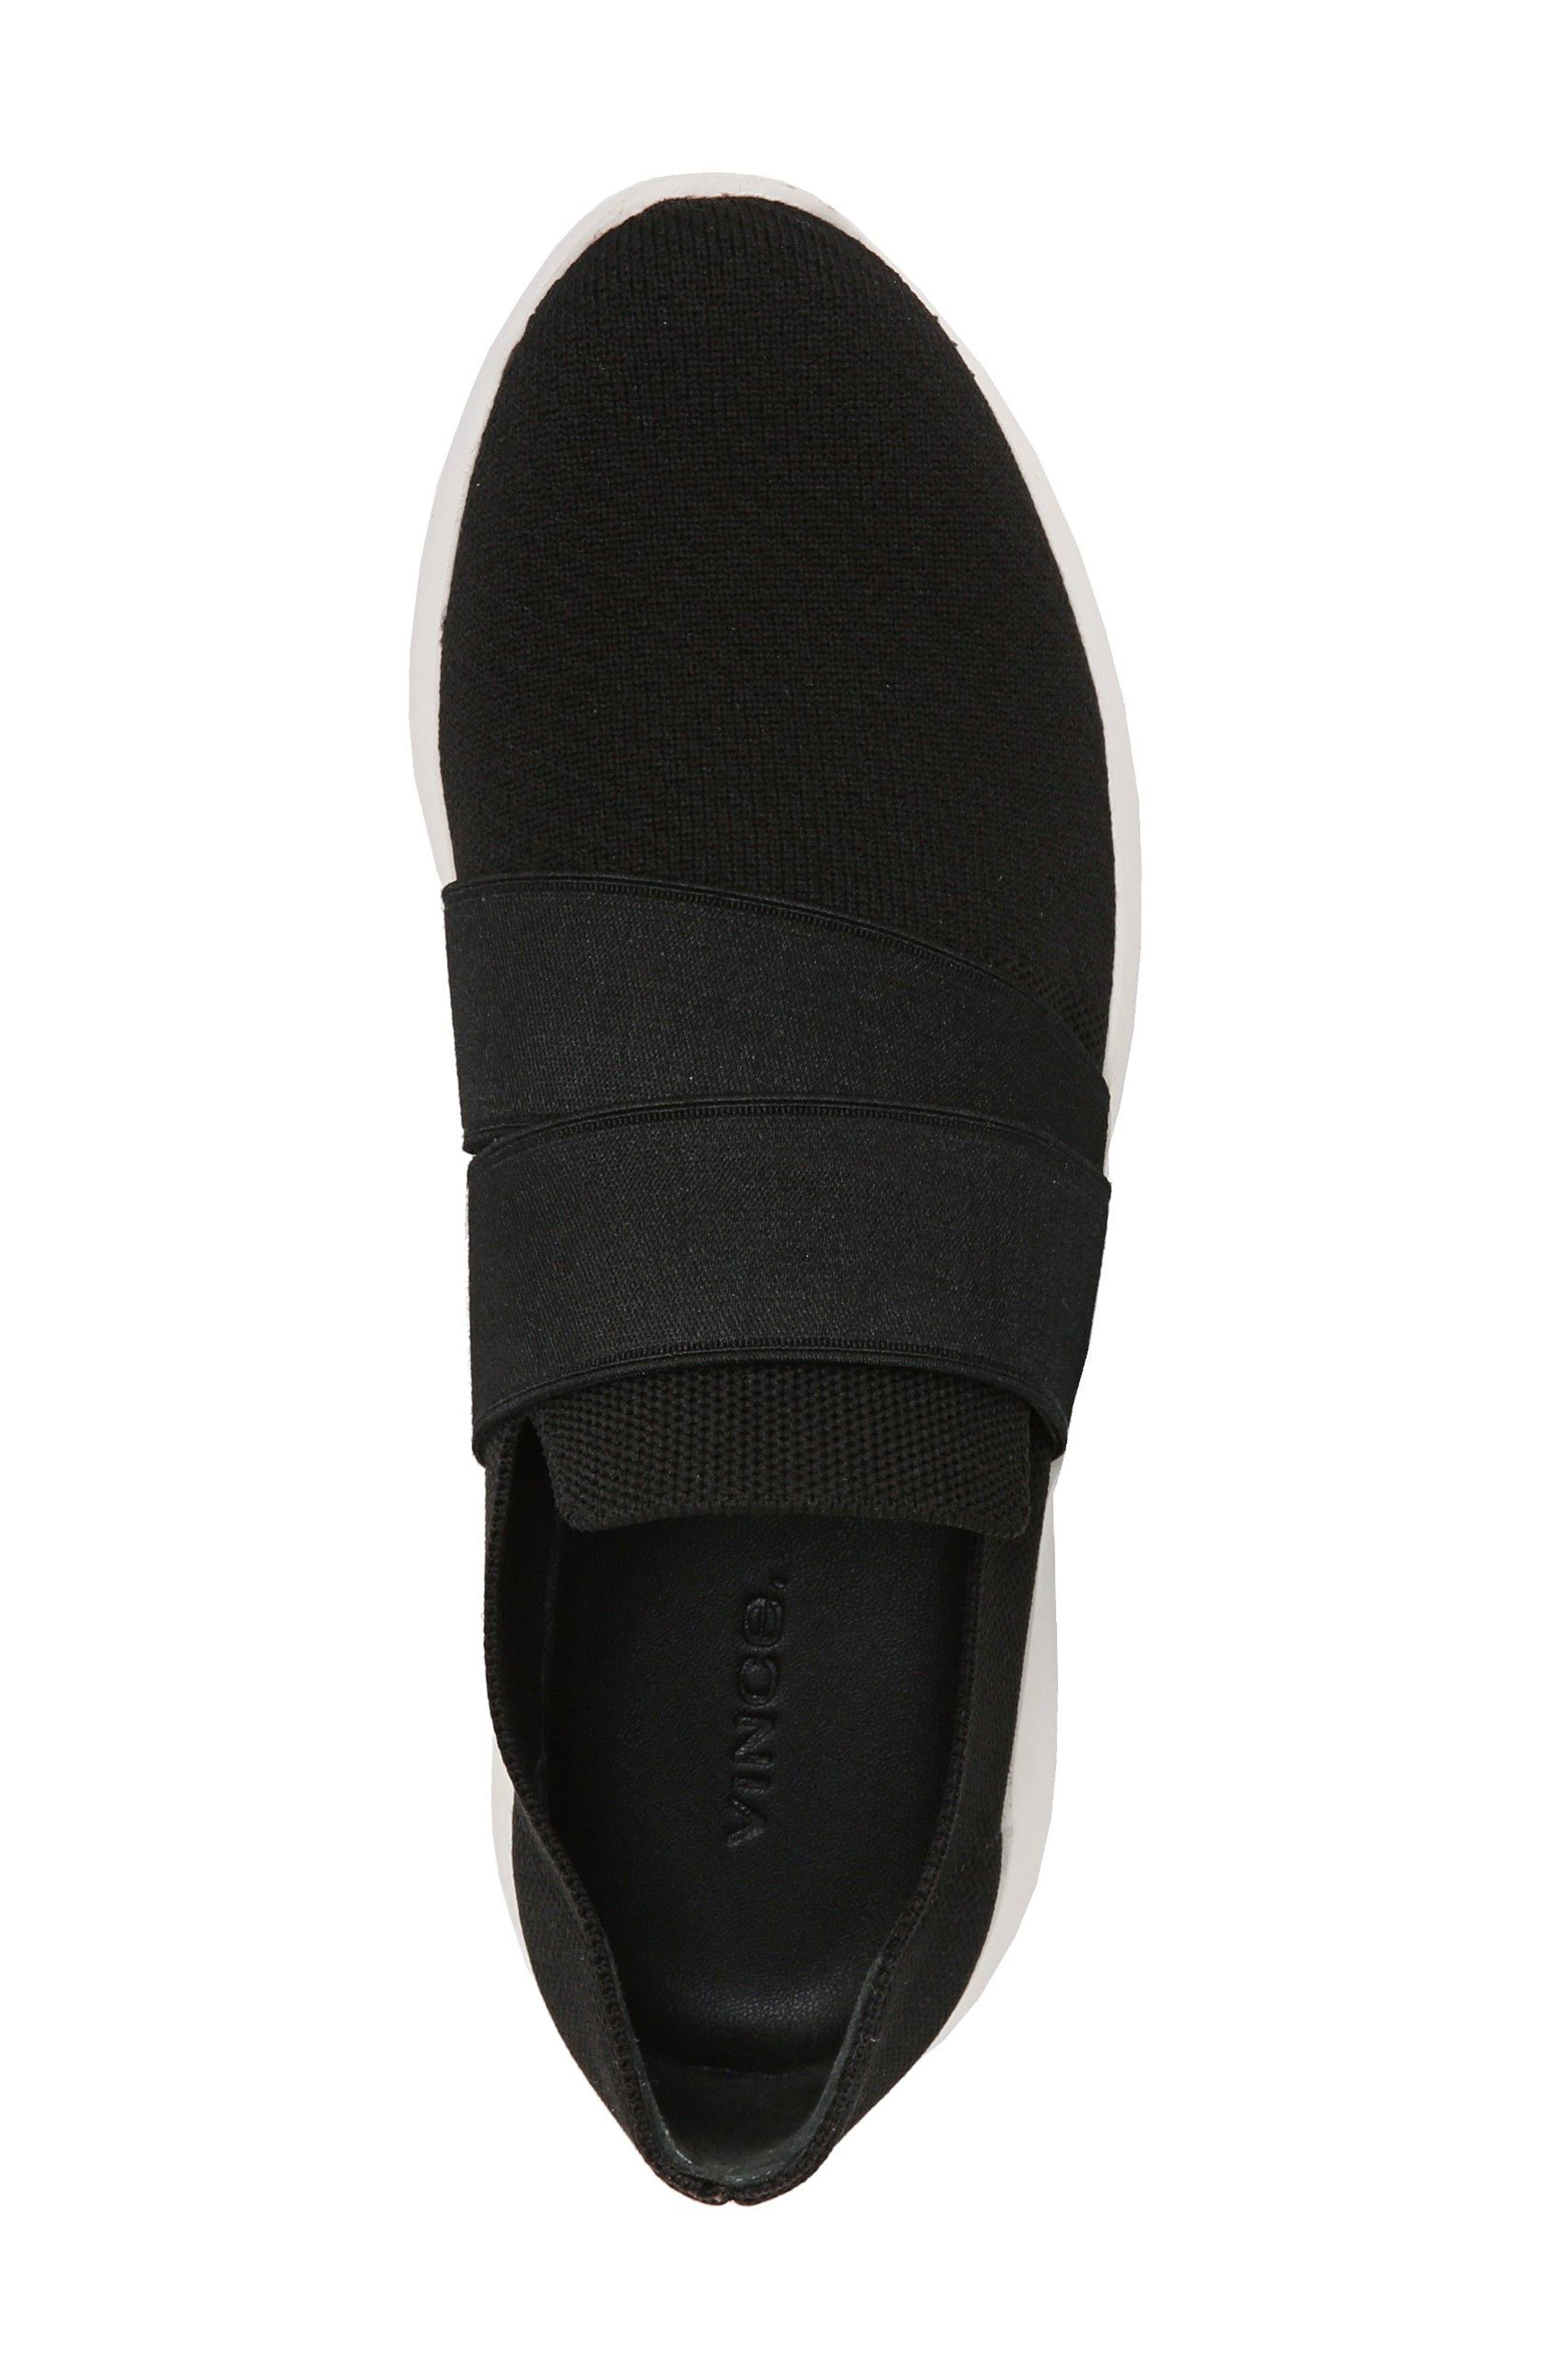 Aston Slip-On Sneaker,                             Alternate thumbnail 4, color,                             BLACK SOLID KNIT